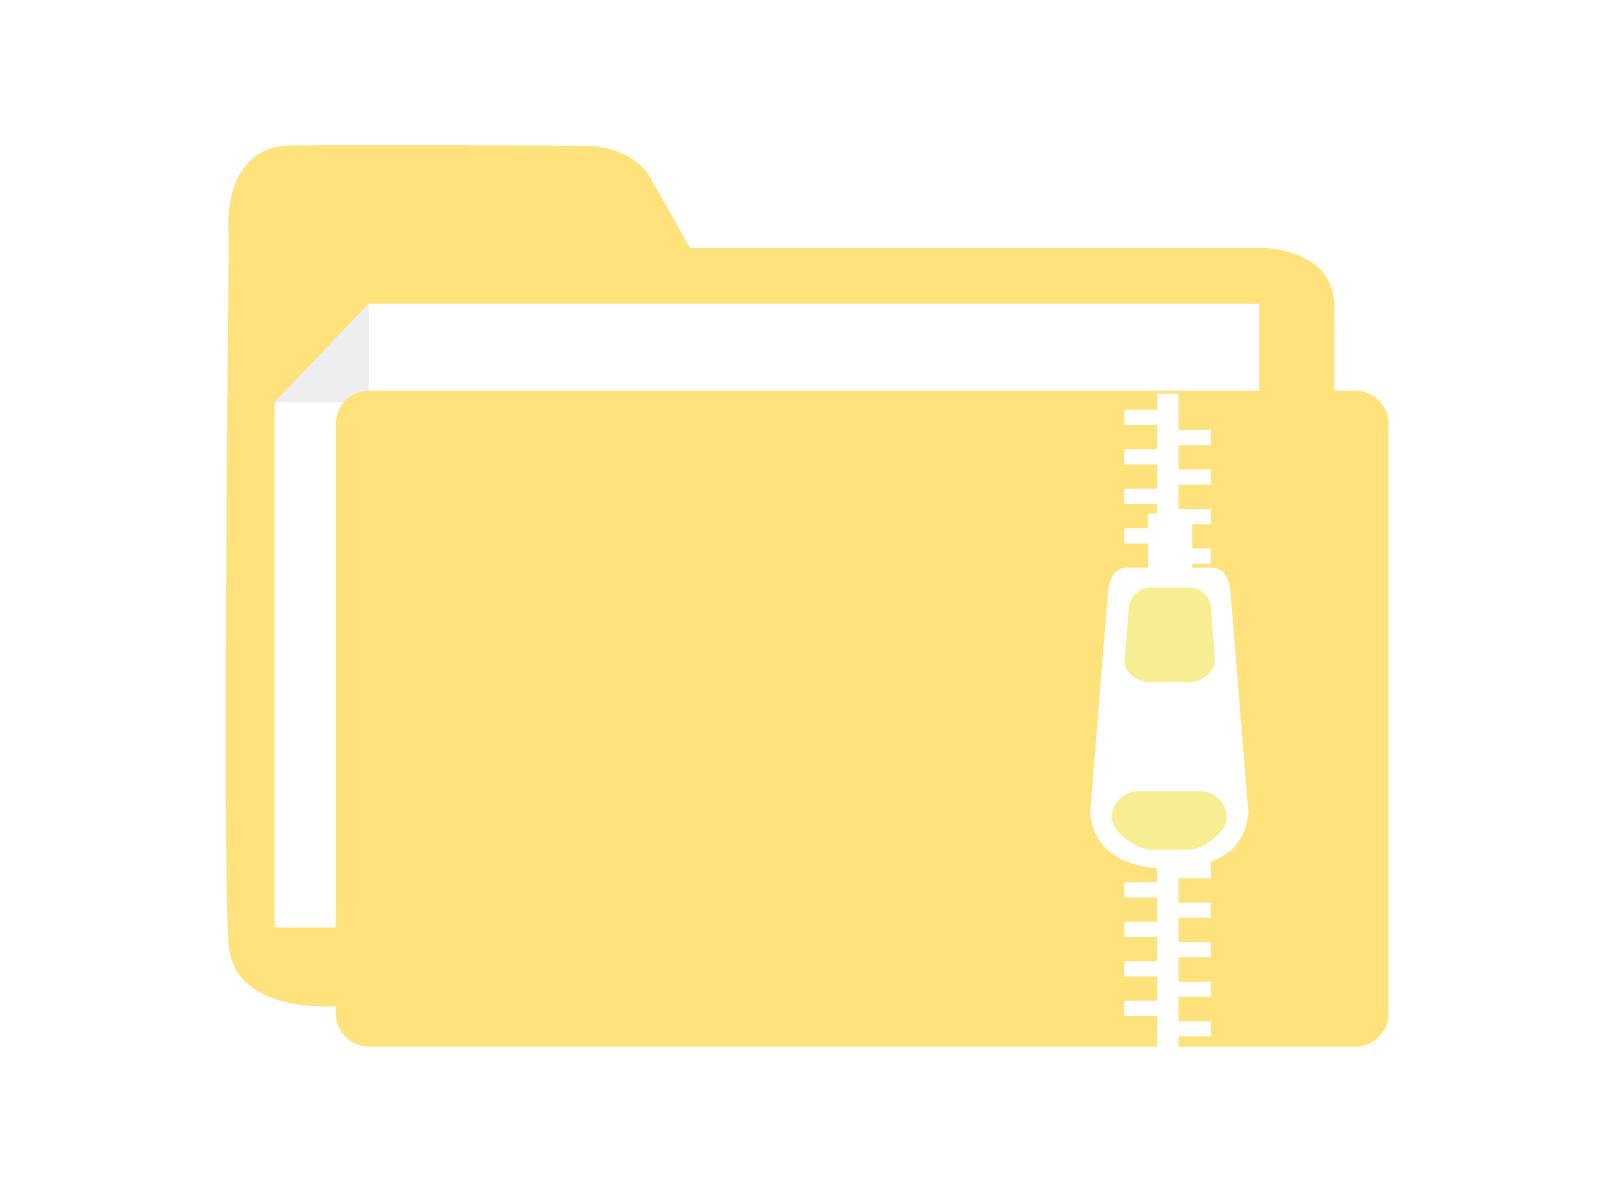 Mac OS Catalinaでzipファイルが解凍できない場合はThe Unarchiverで開こう